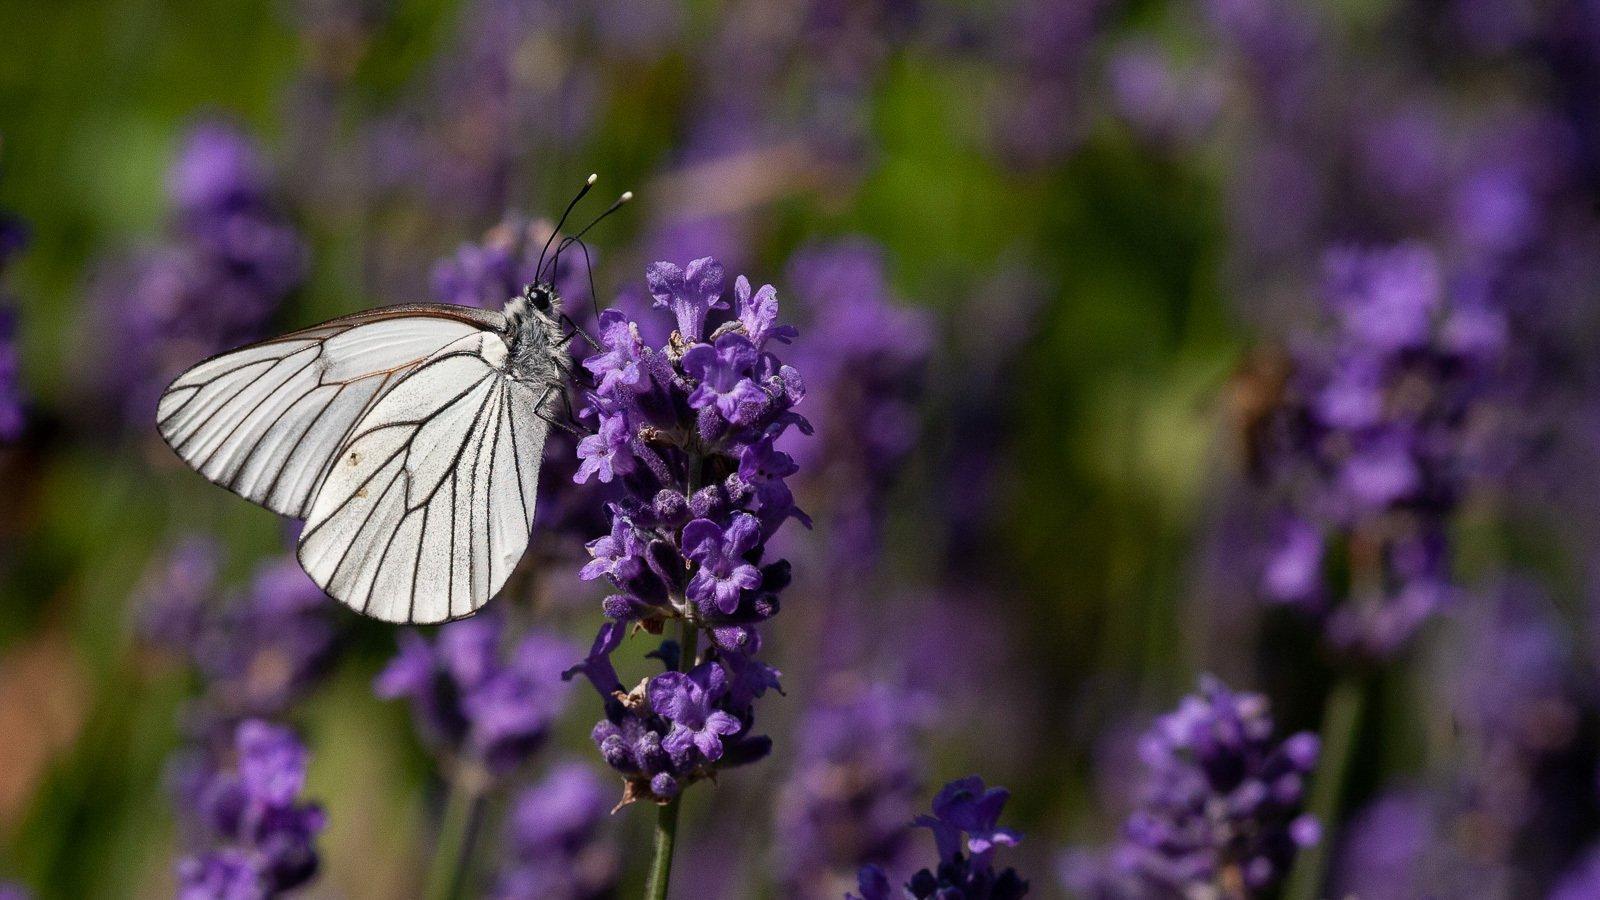 Ein weißer Schmetterling auf Lavendelblüten.